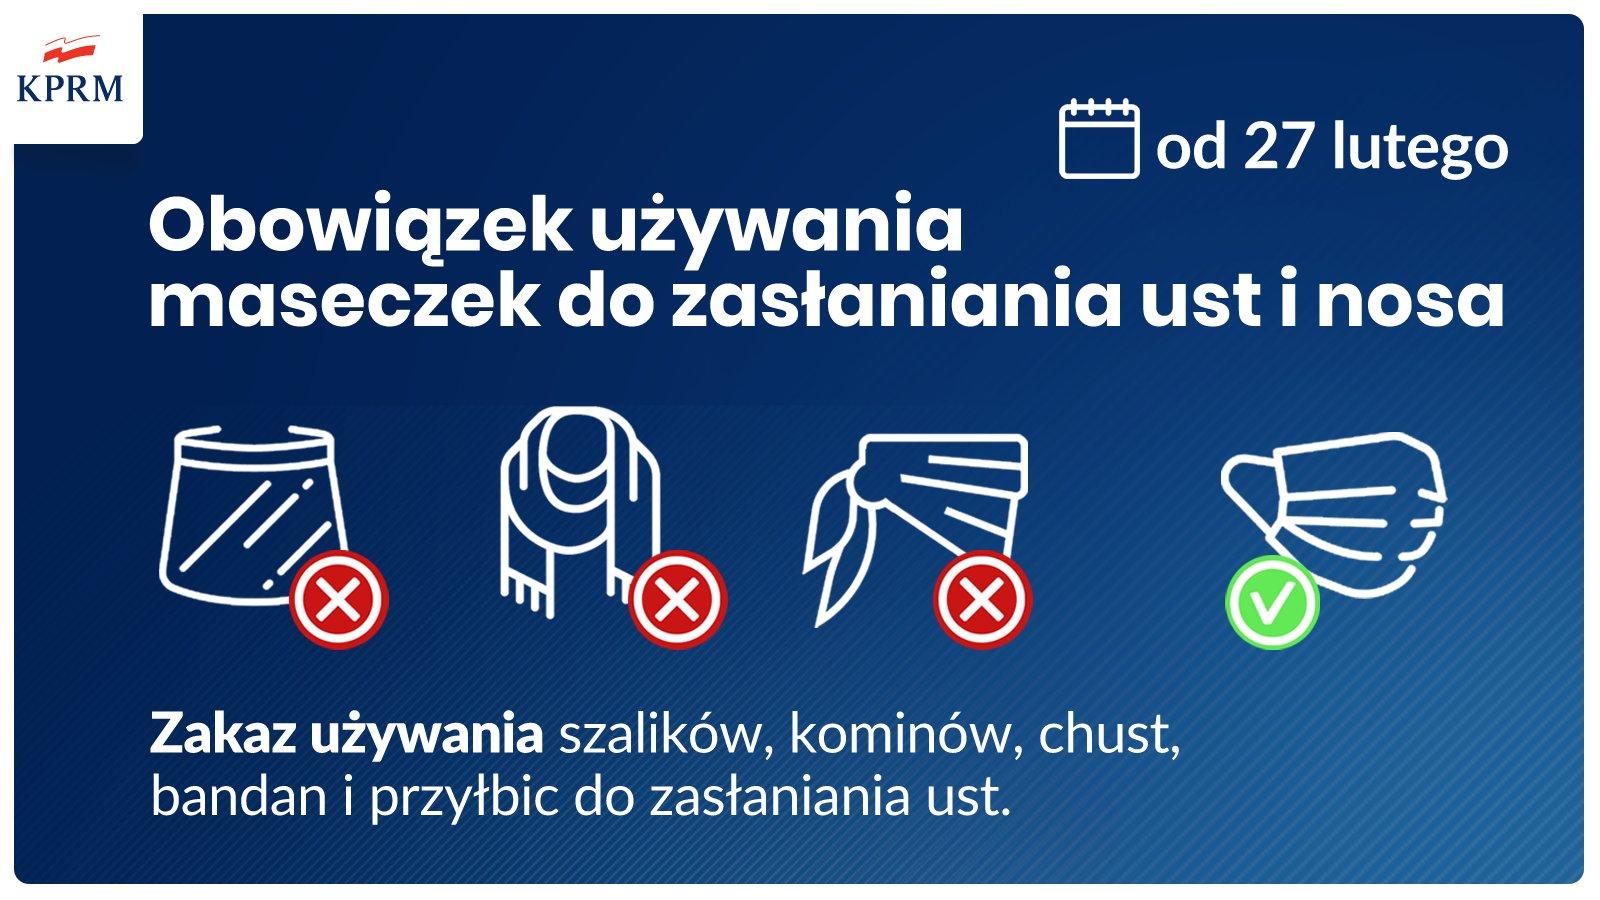 Reżim sanitarny w okresie od 27 lutego do 14 marca 2021